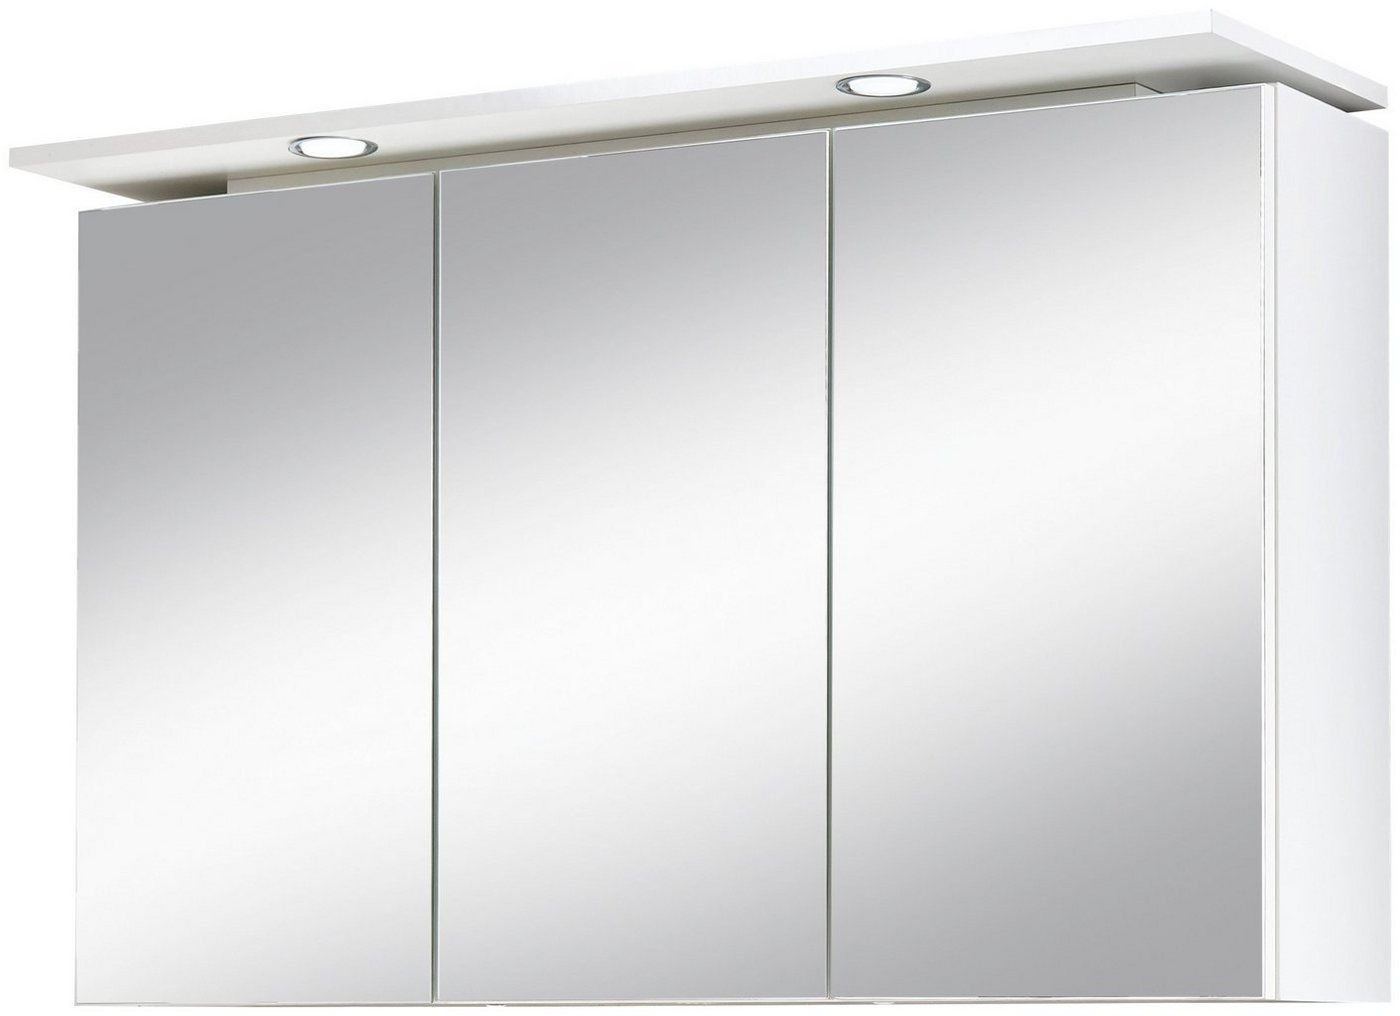 preisvergleich kesper spiegelschrank lugo breite 100. Black Bedroom Furniture Sets. Home Design Ideas